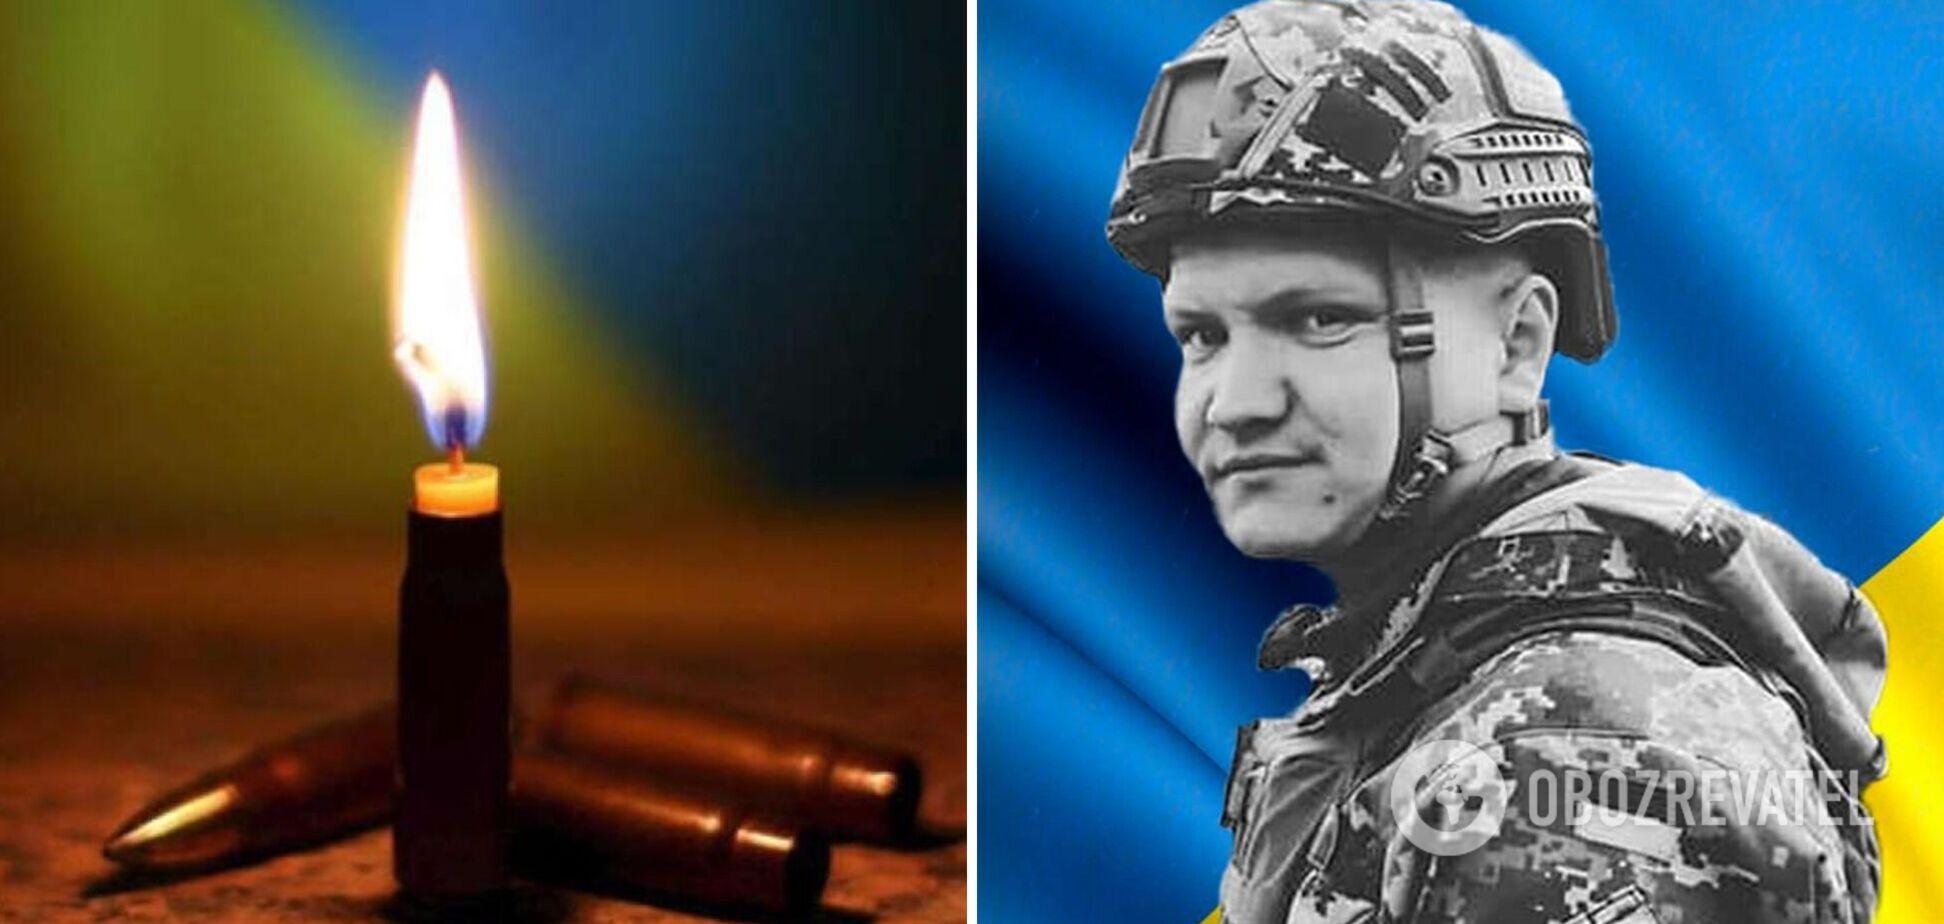 На Харьковщине простились с погибшим на Донбассе 24-летним Героем. Фото